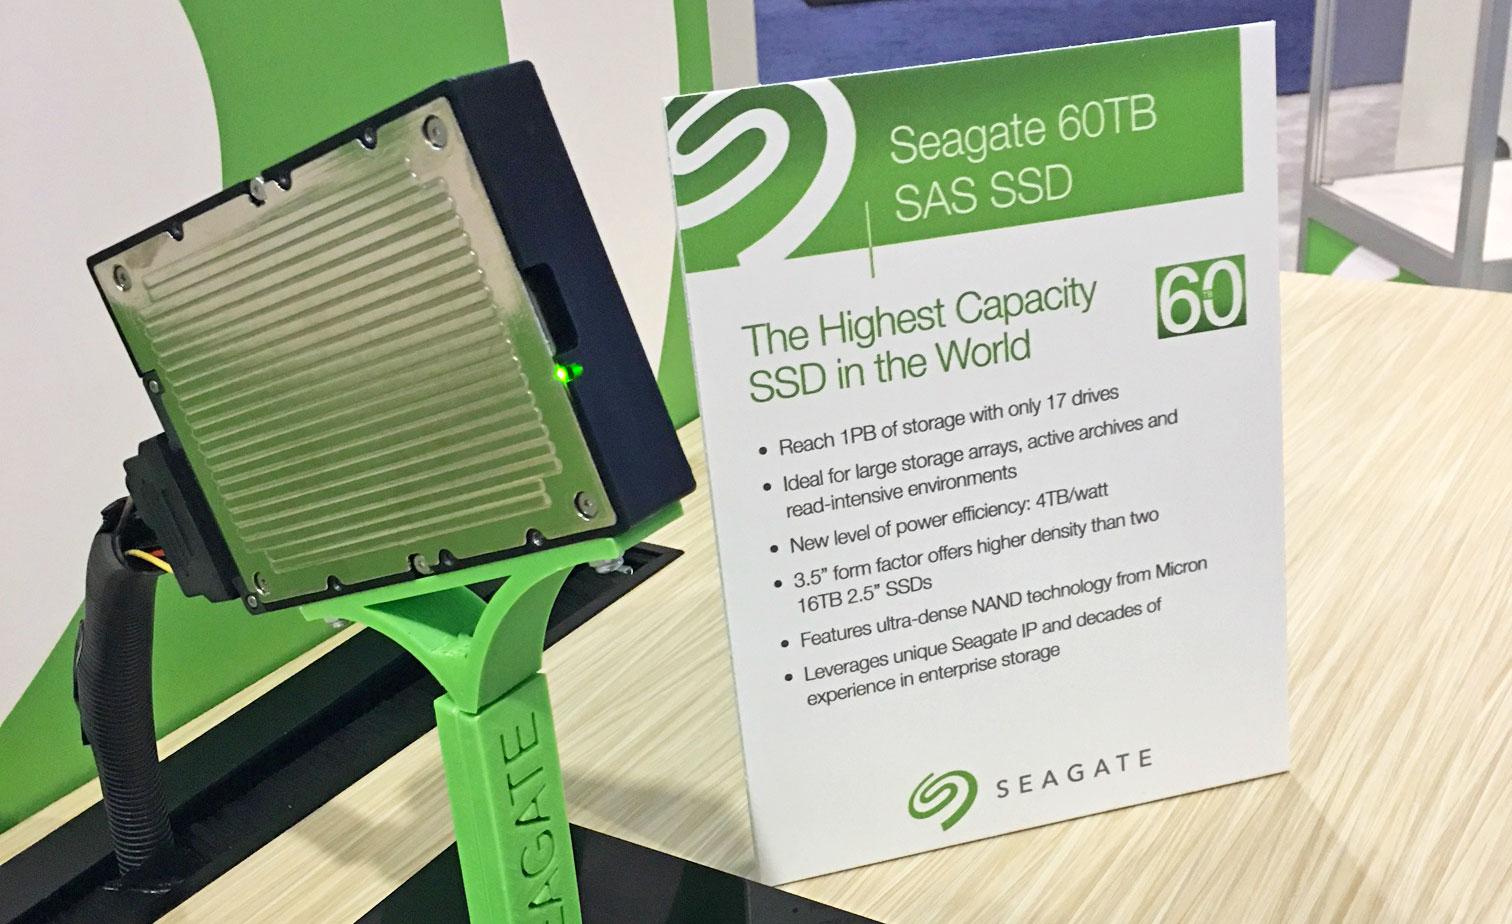 Seagate- 60TB SSD